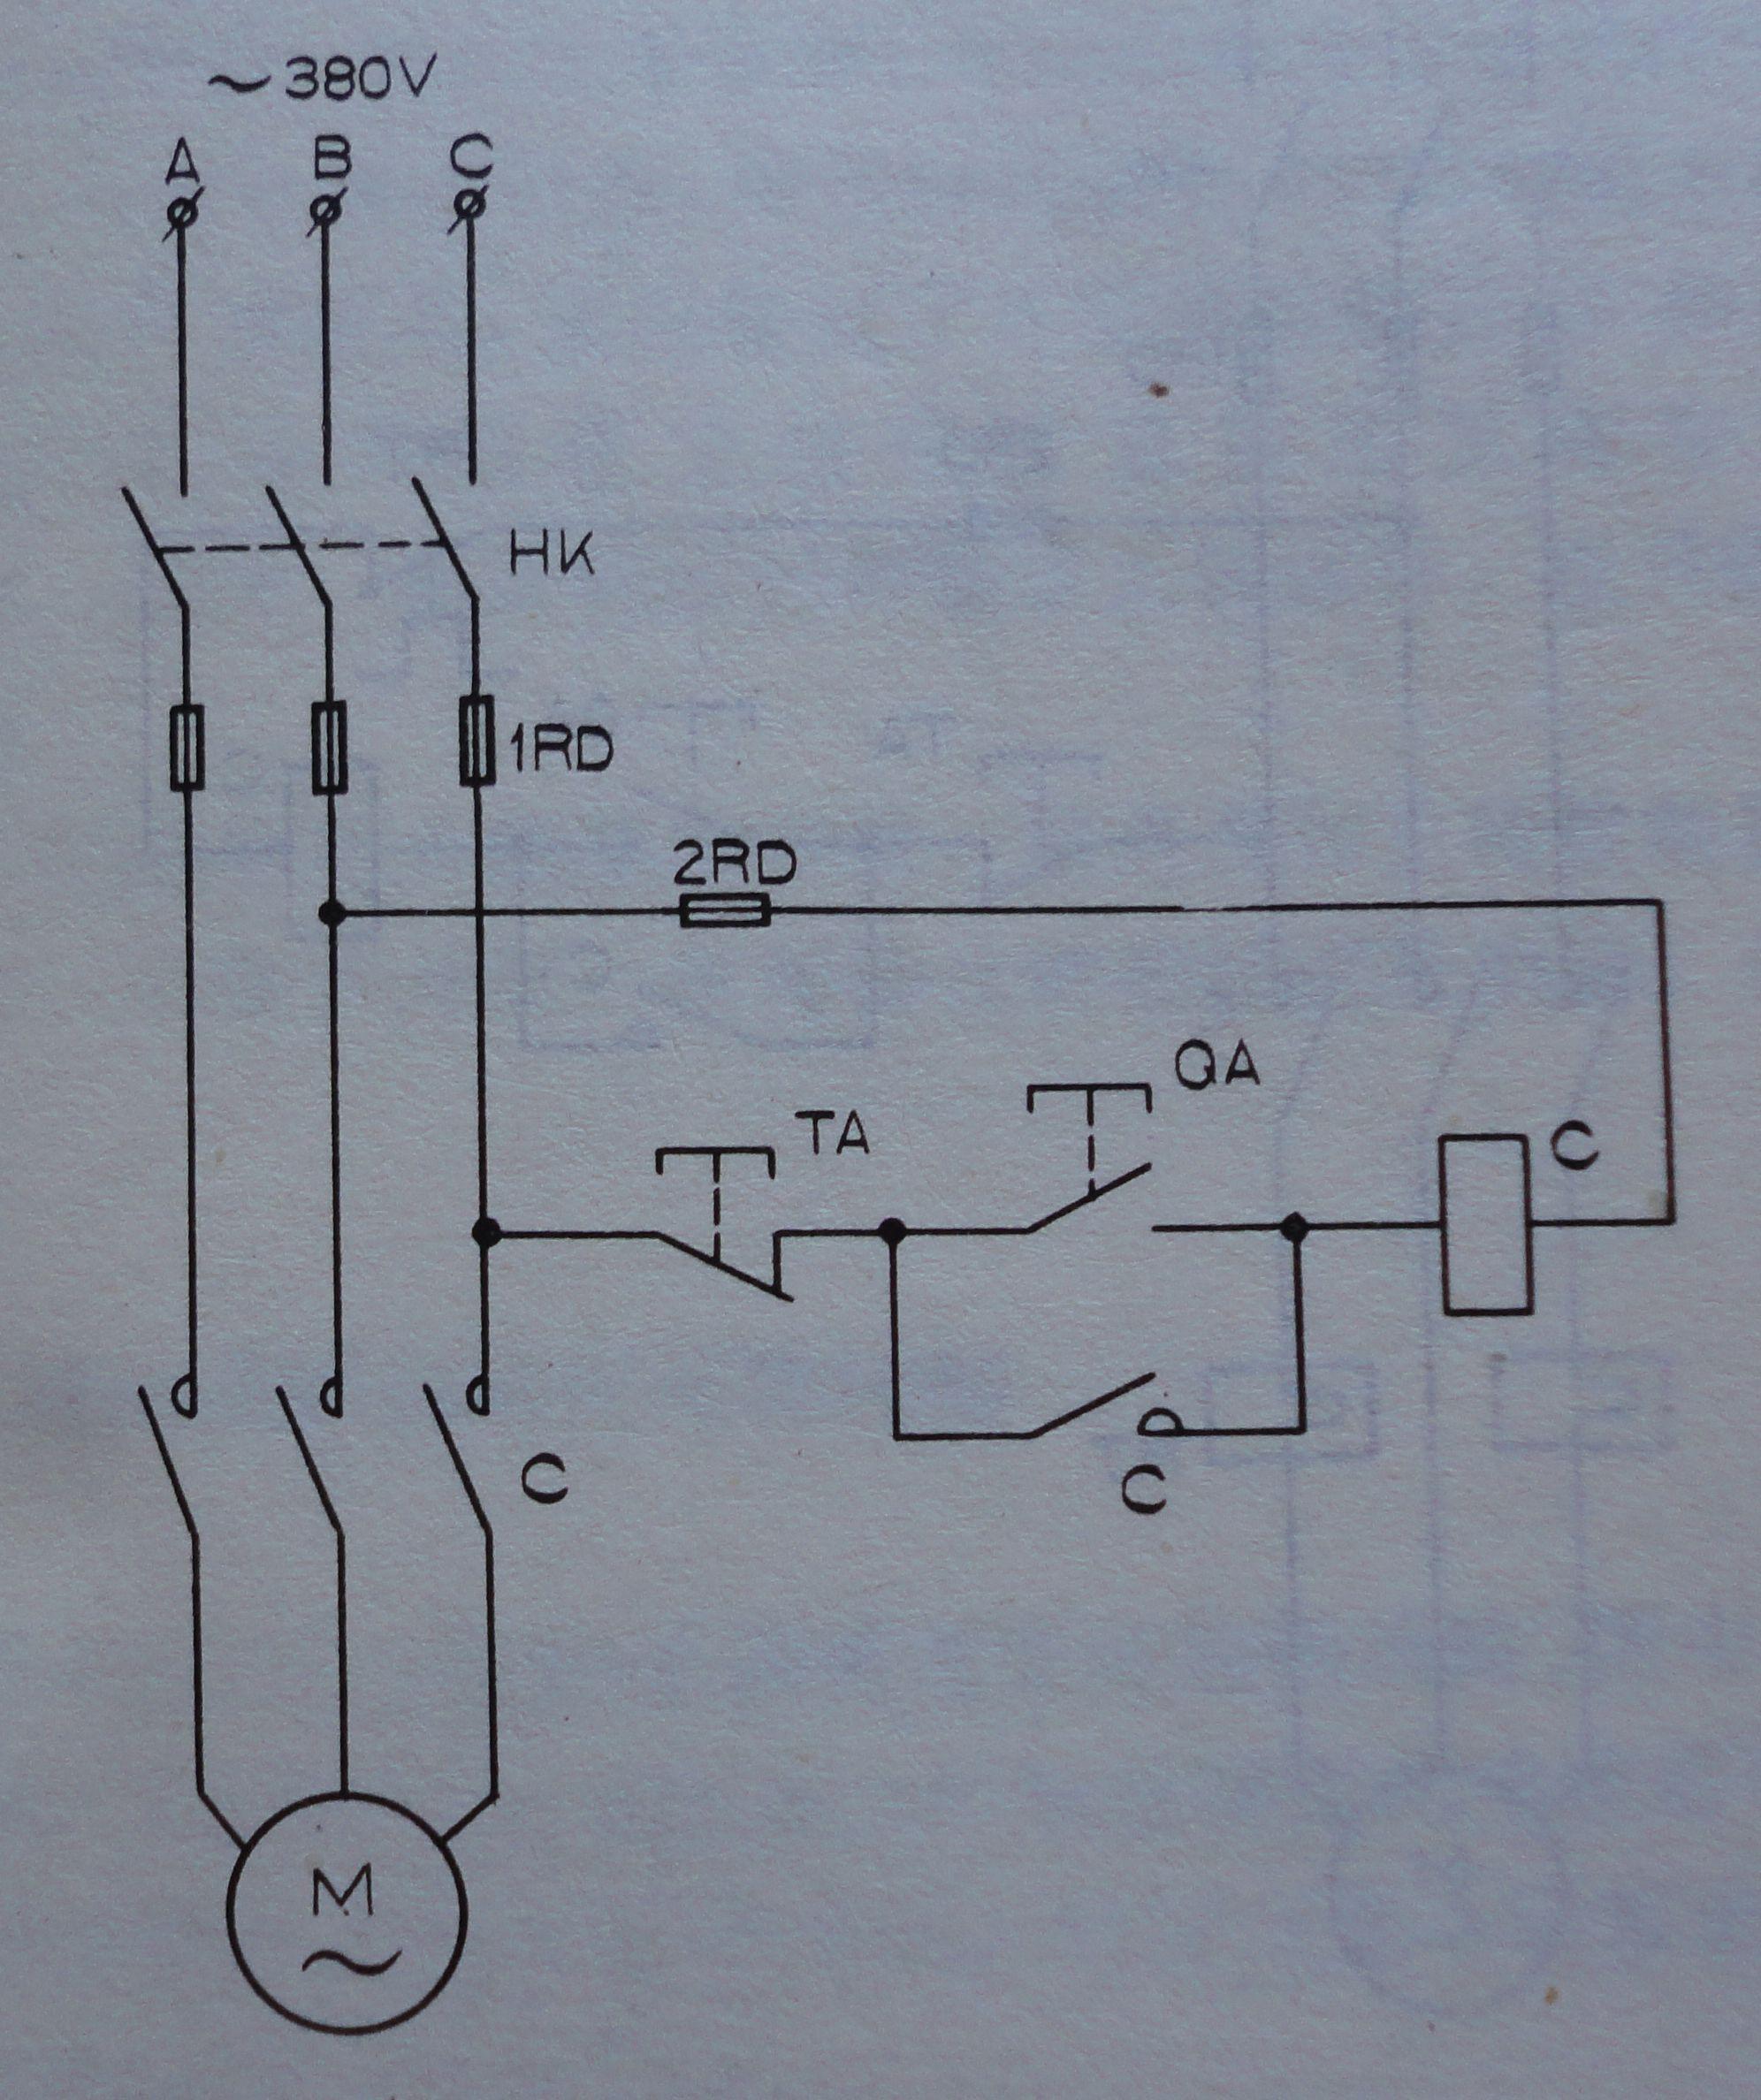 使用空开,交流接触器,启动按钮和停止按钮,组成电路控制电动机工作